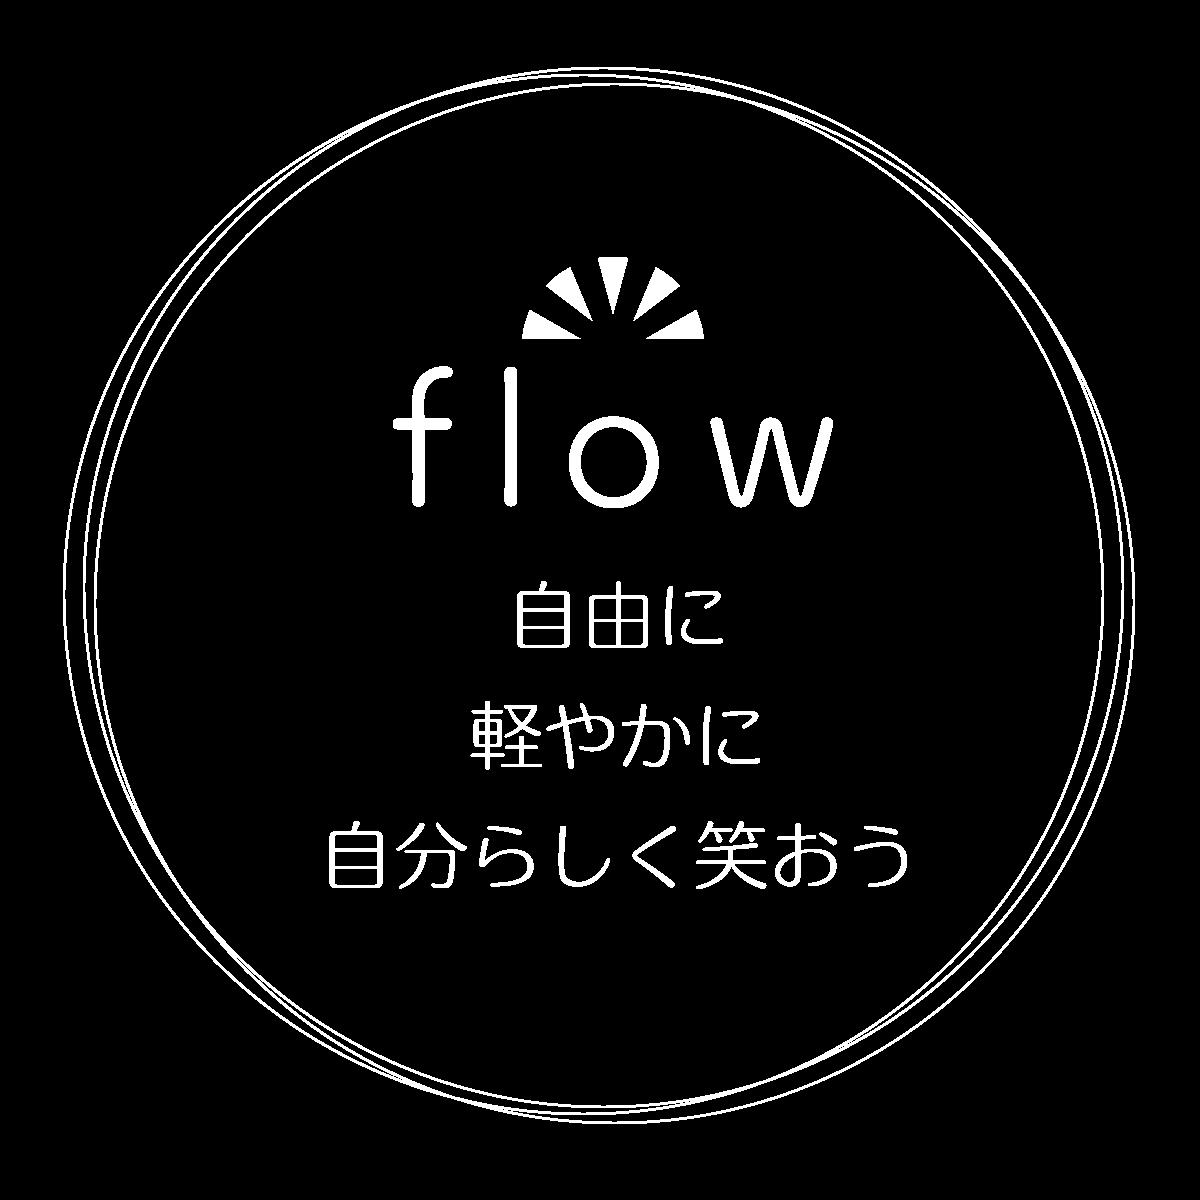 flow自由に軽やかに自分らしく笑おう